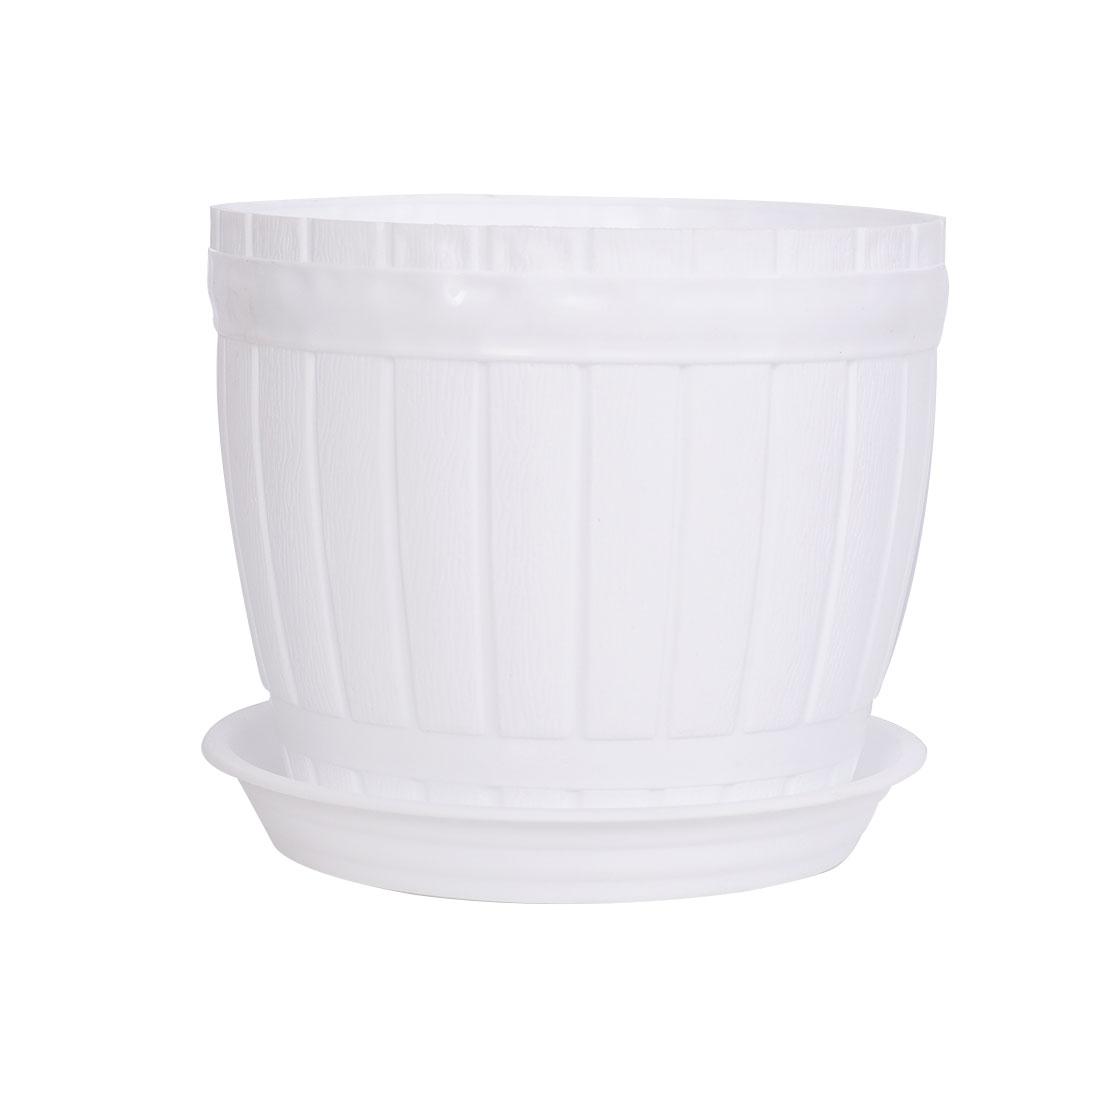 Home Garden Office Hotel Desk Plastic Plant Flower Pot Holder White w Tray